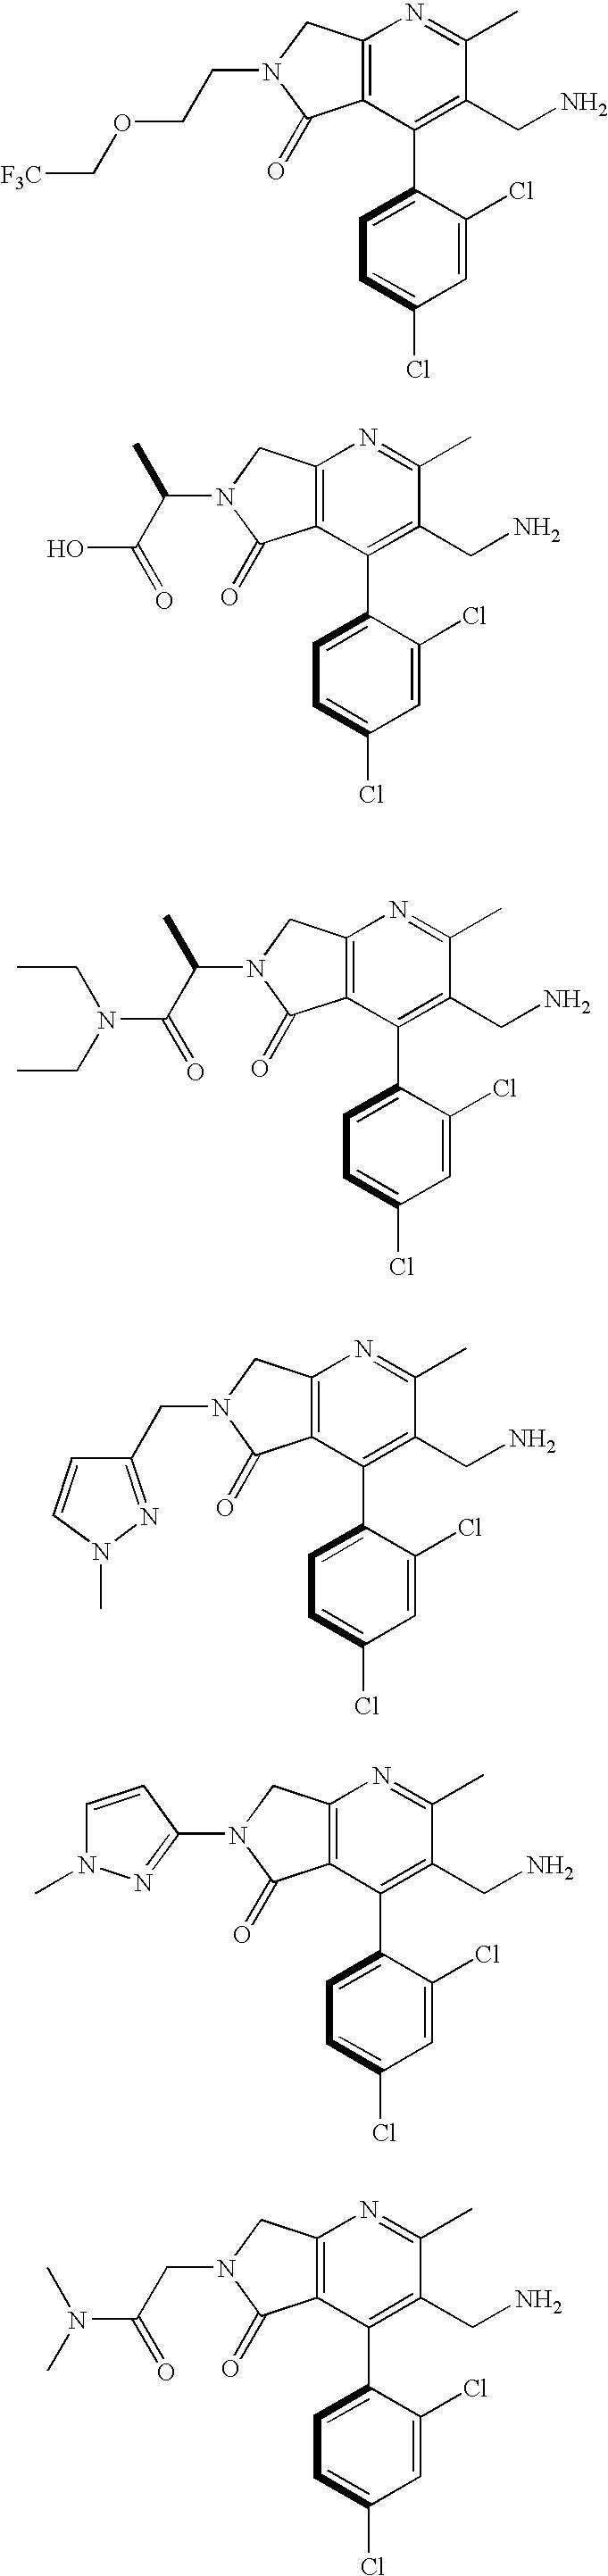 Figure US07521557-20090421-C00311